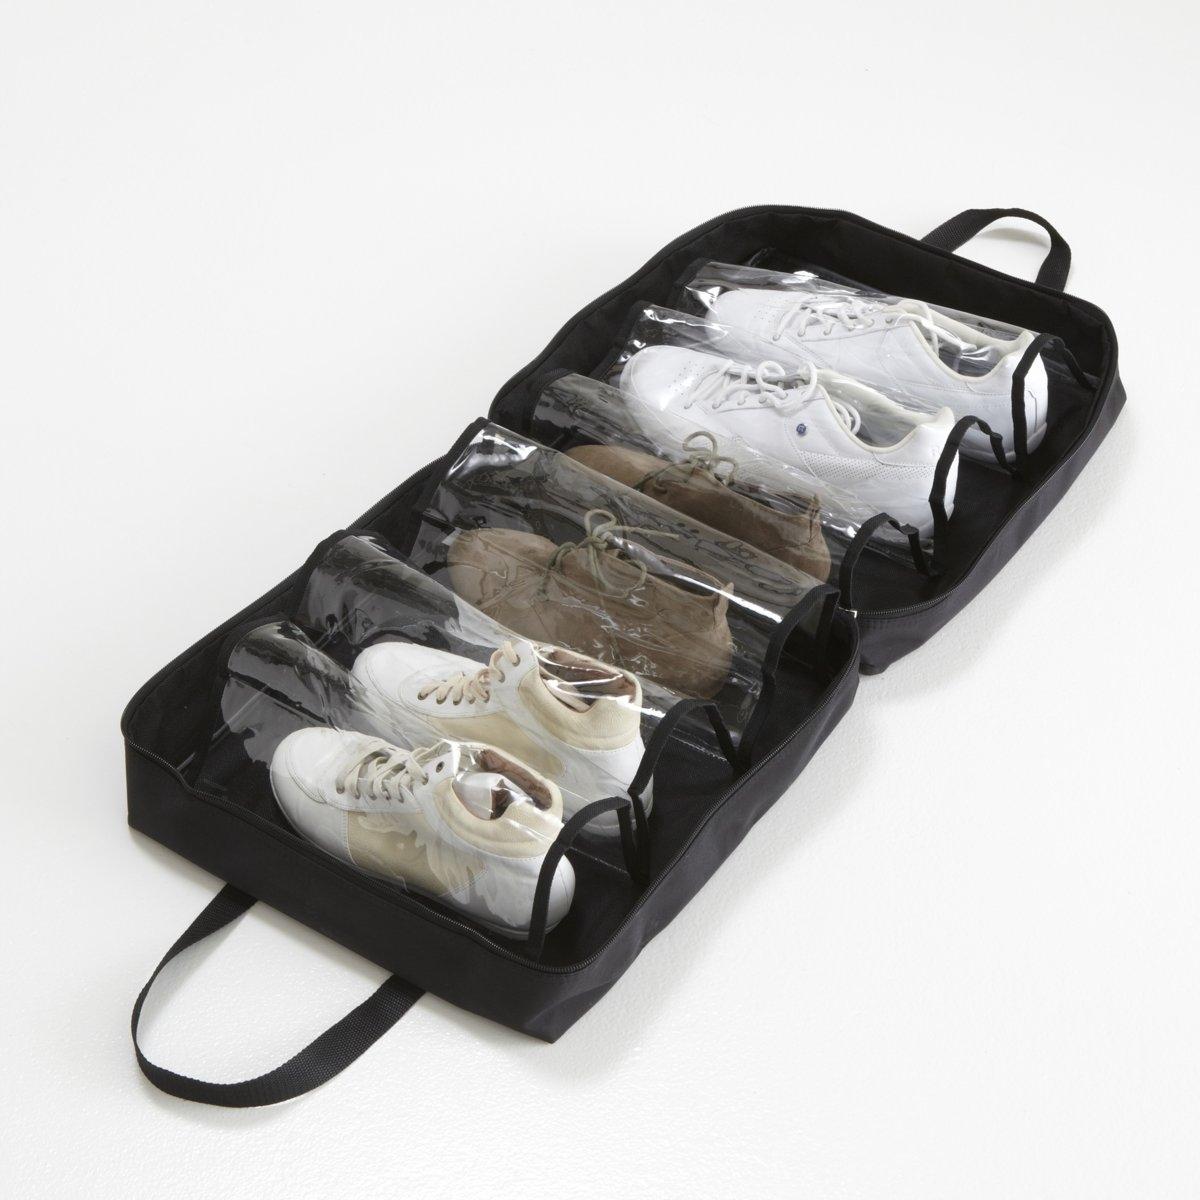 Сумка для обуви LA REDOUTEСумка для обуви с 6 прозрачными отделениями. Из полиэстера и ПВХ. Размер: 30 х 48 х 48 см.<br><br>Цвет: черный<br>Размер: единый размер